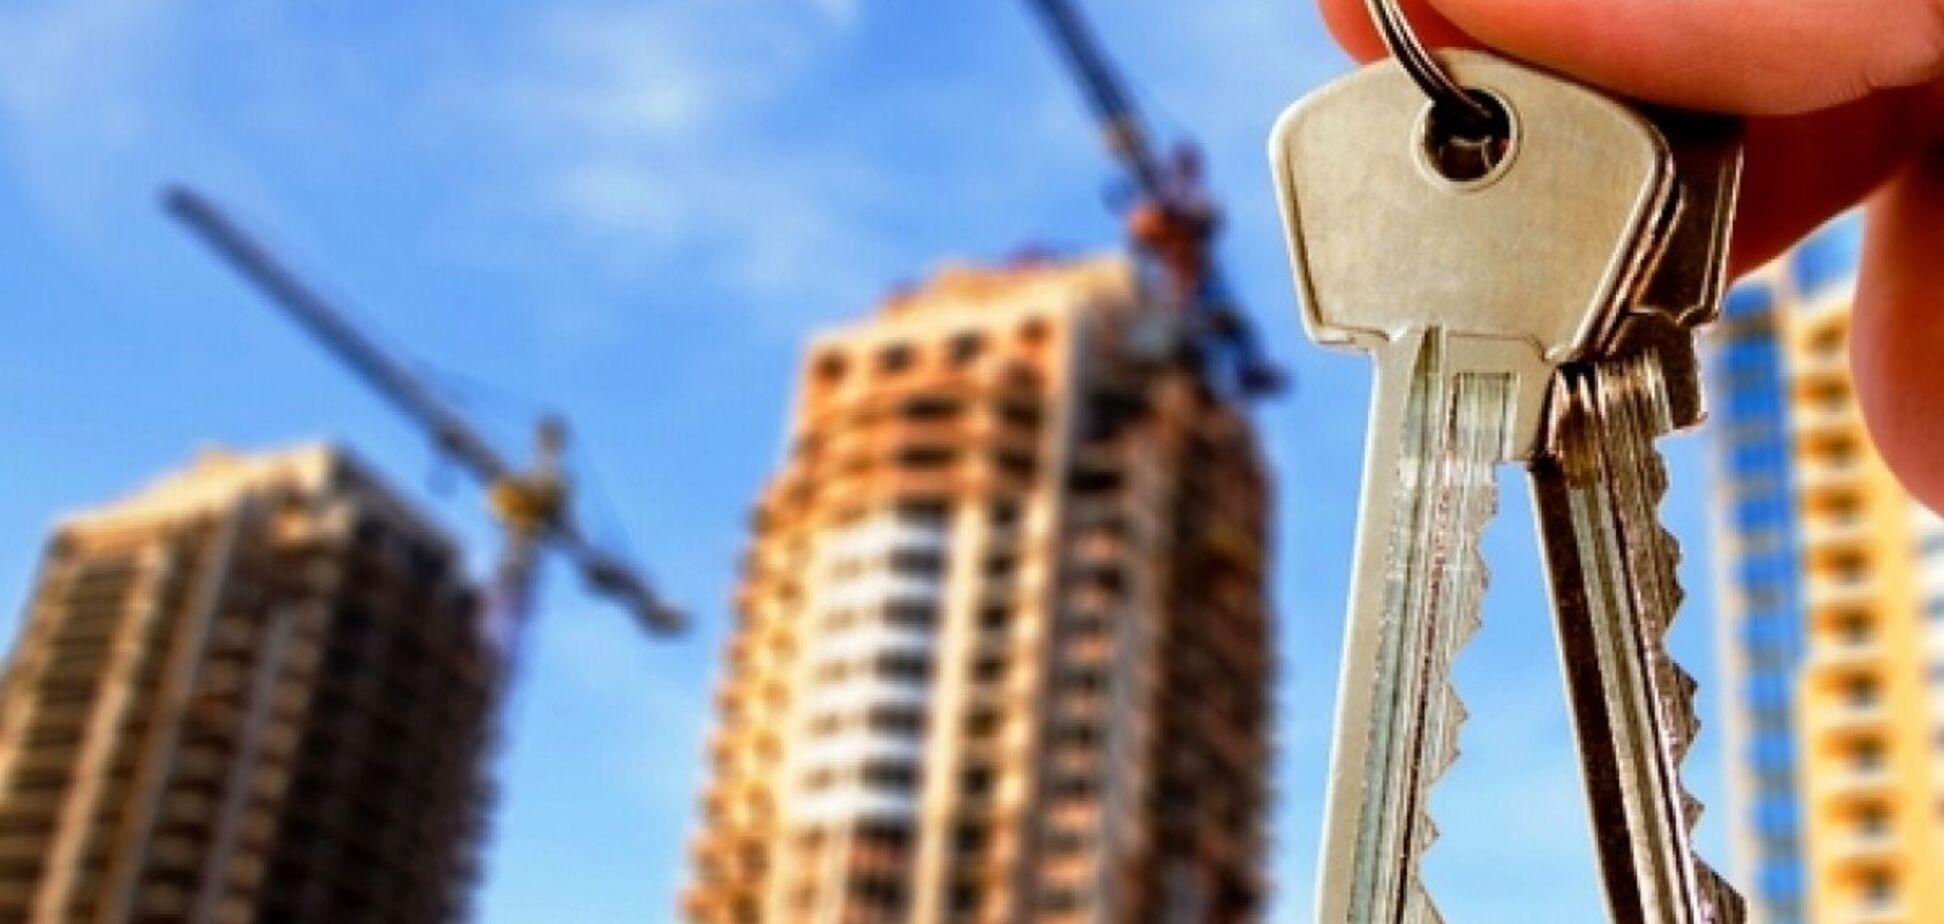 Программа доступного жилья оказалась под угрозой